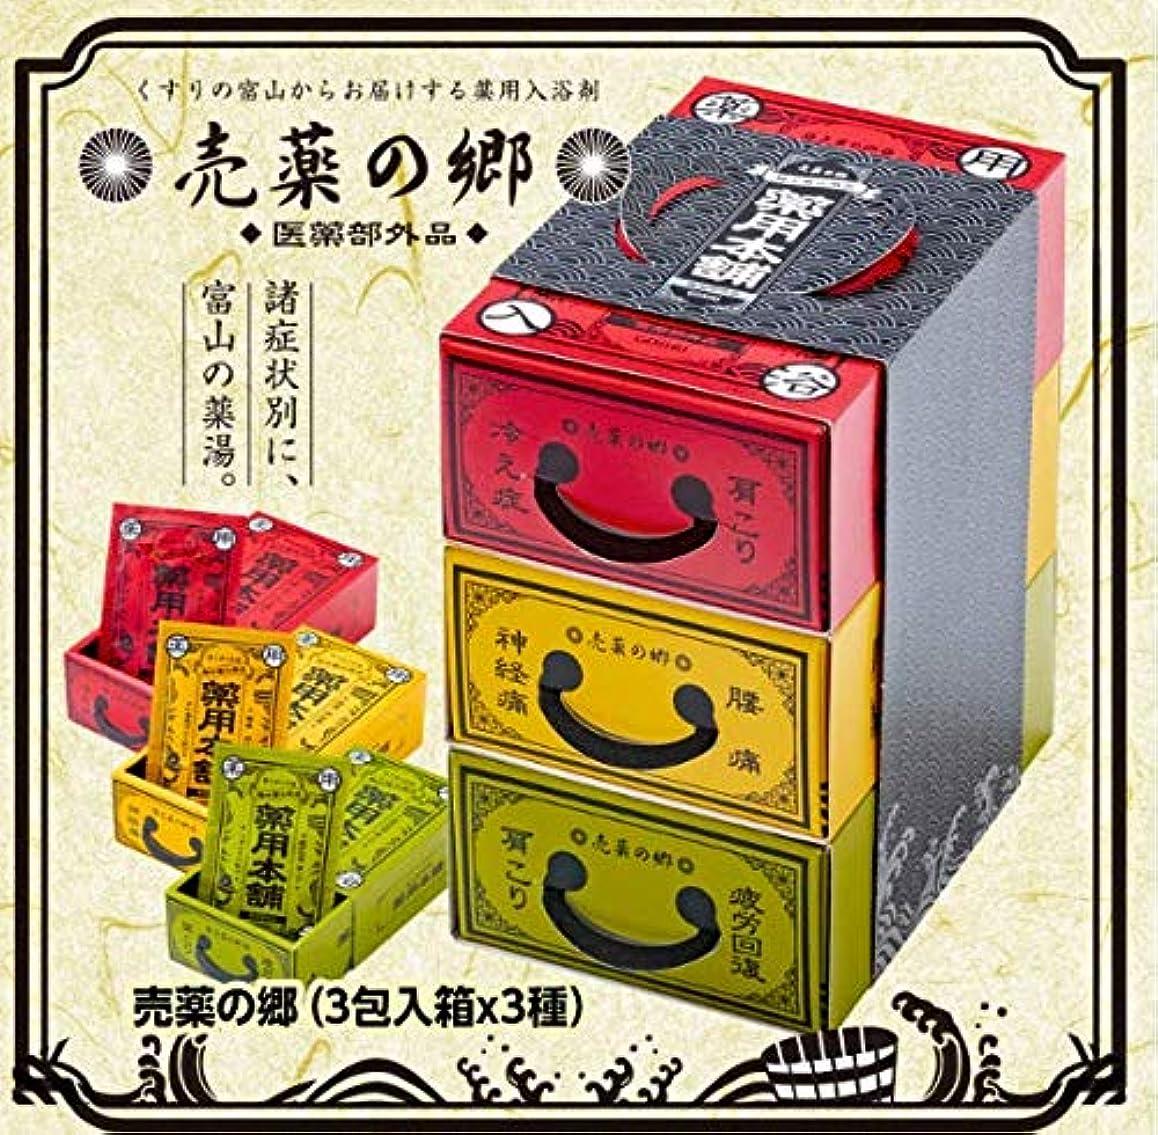 抵抗するタバコつぶやき薬の富山の薬用入浴剤 売薬の郷 薬用本舗3箱セット 10セット